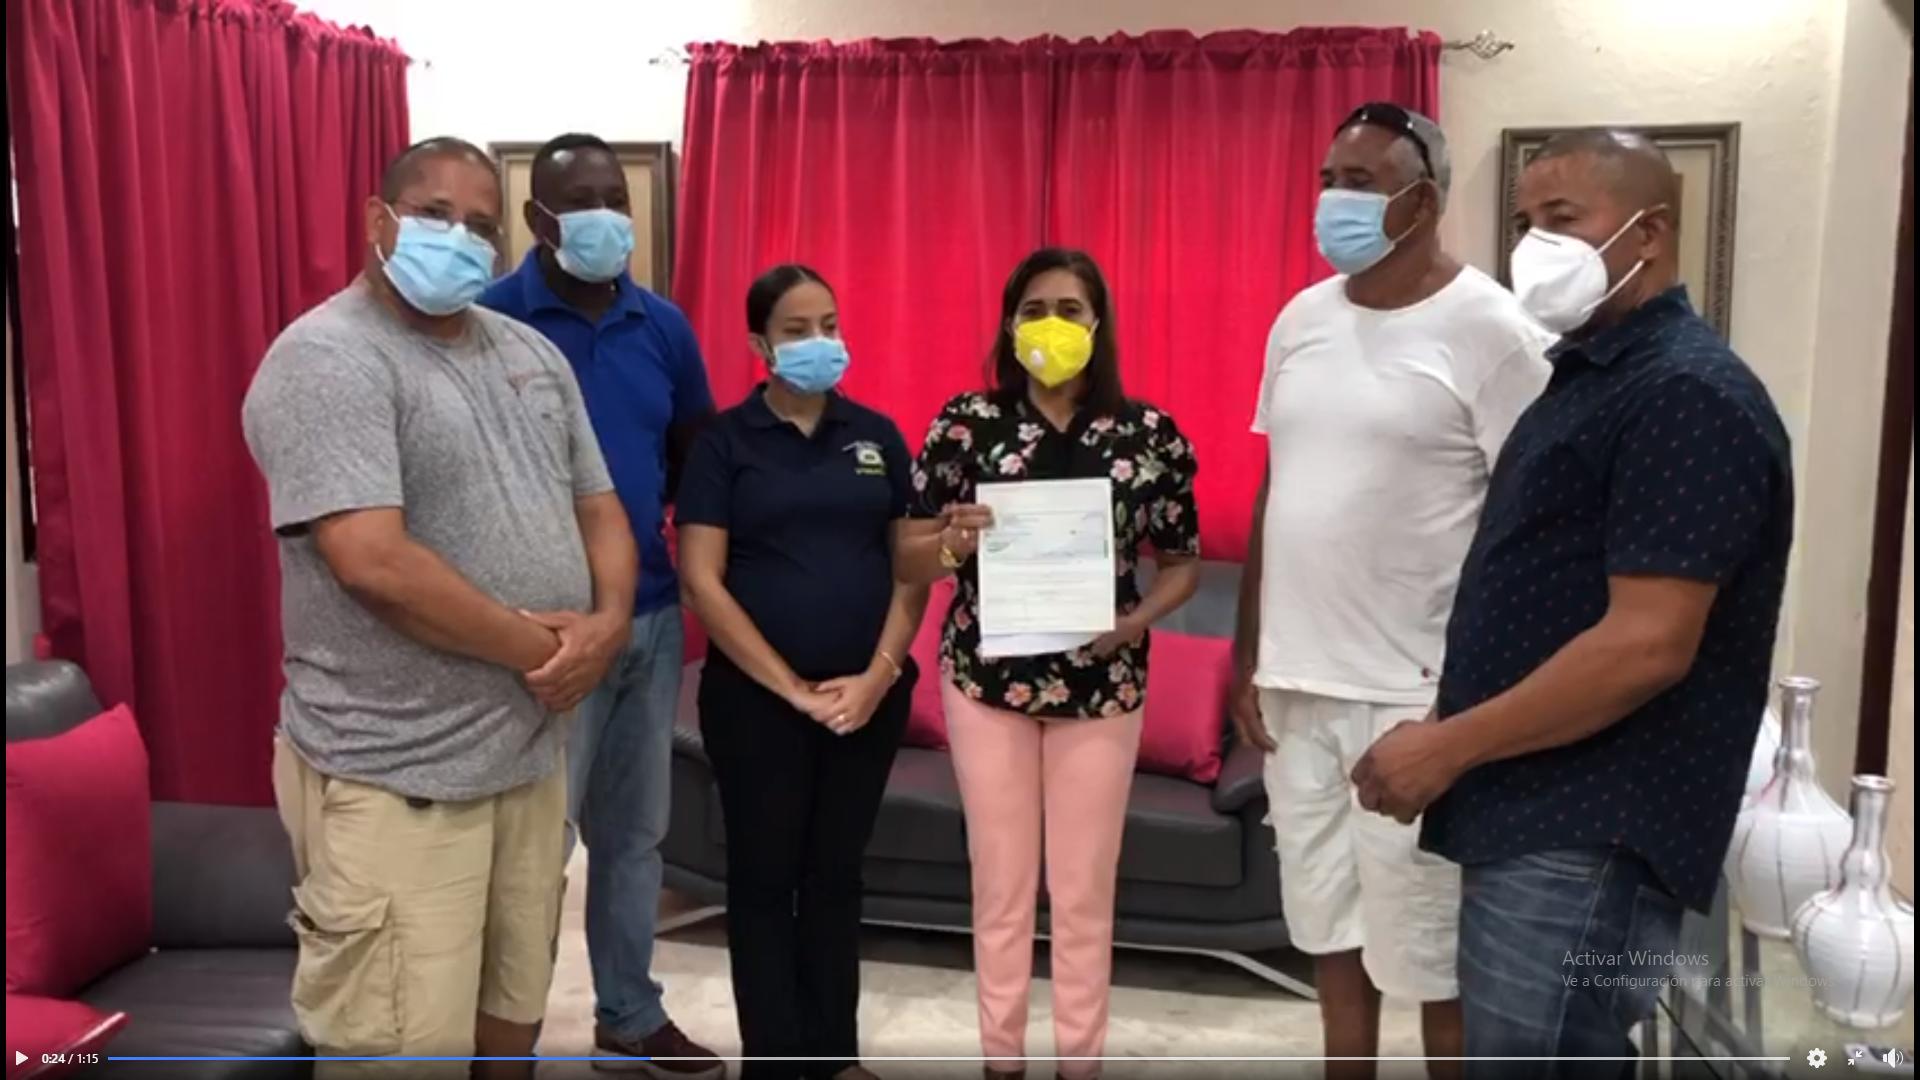 Hoy la Alcaldesa Yolanda Rodríguez hizo entrega de un cheque por valor de RD$15,000.00 pesos a la Liga Luciano Polanco (CHAGA), dando respuesta a una solicitud de la Liga para reparar la máquina de deshierbar que actualmente se encuentra fuera de servicio.